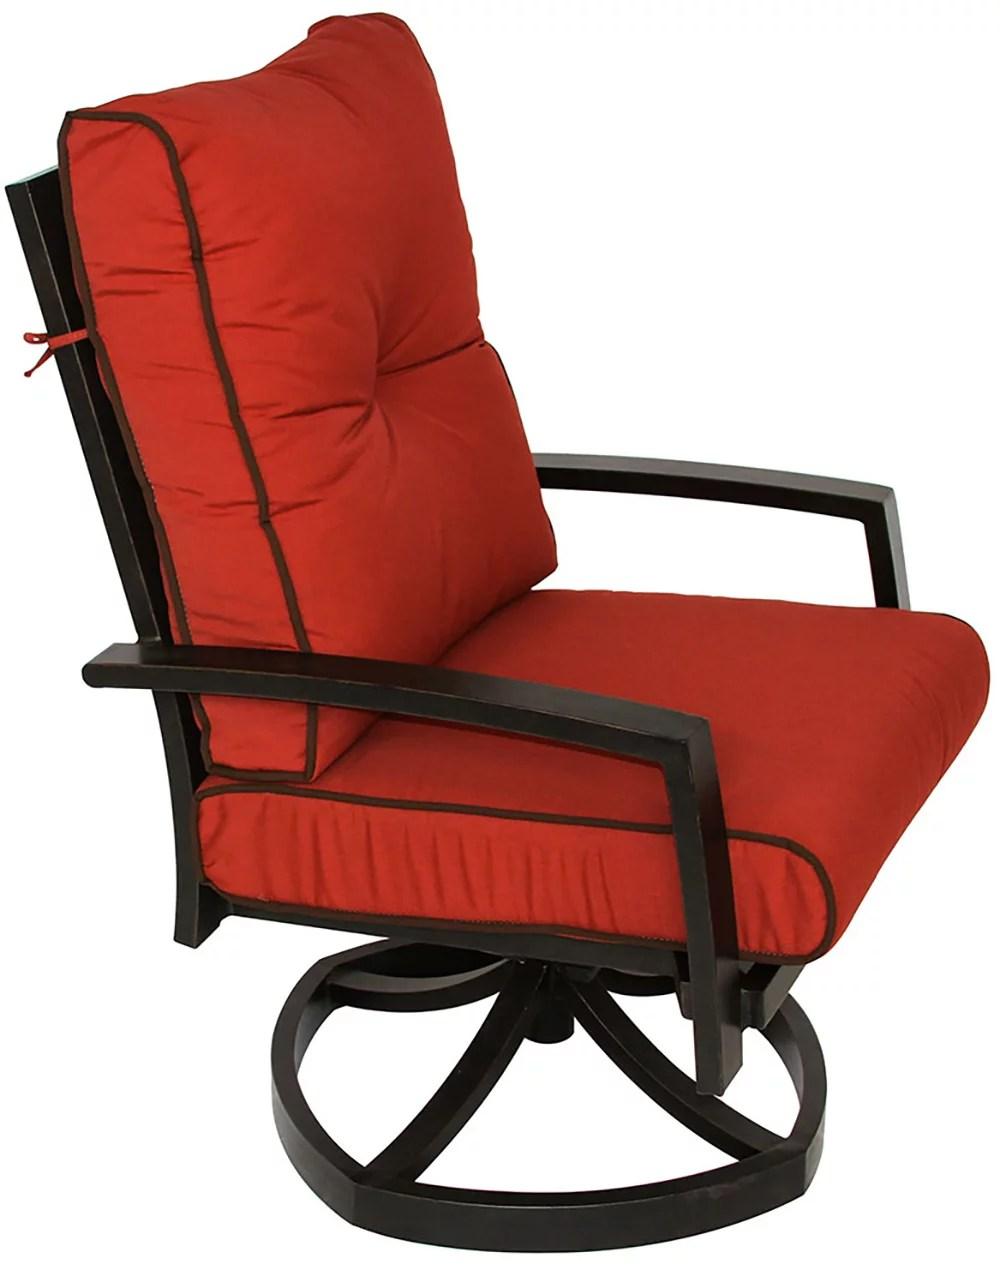 quincy cast aluminum outdoor patio swivel rocker chair